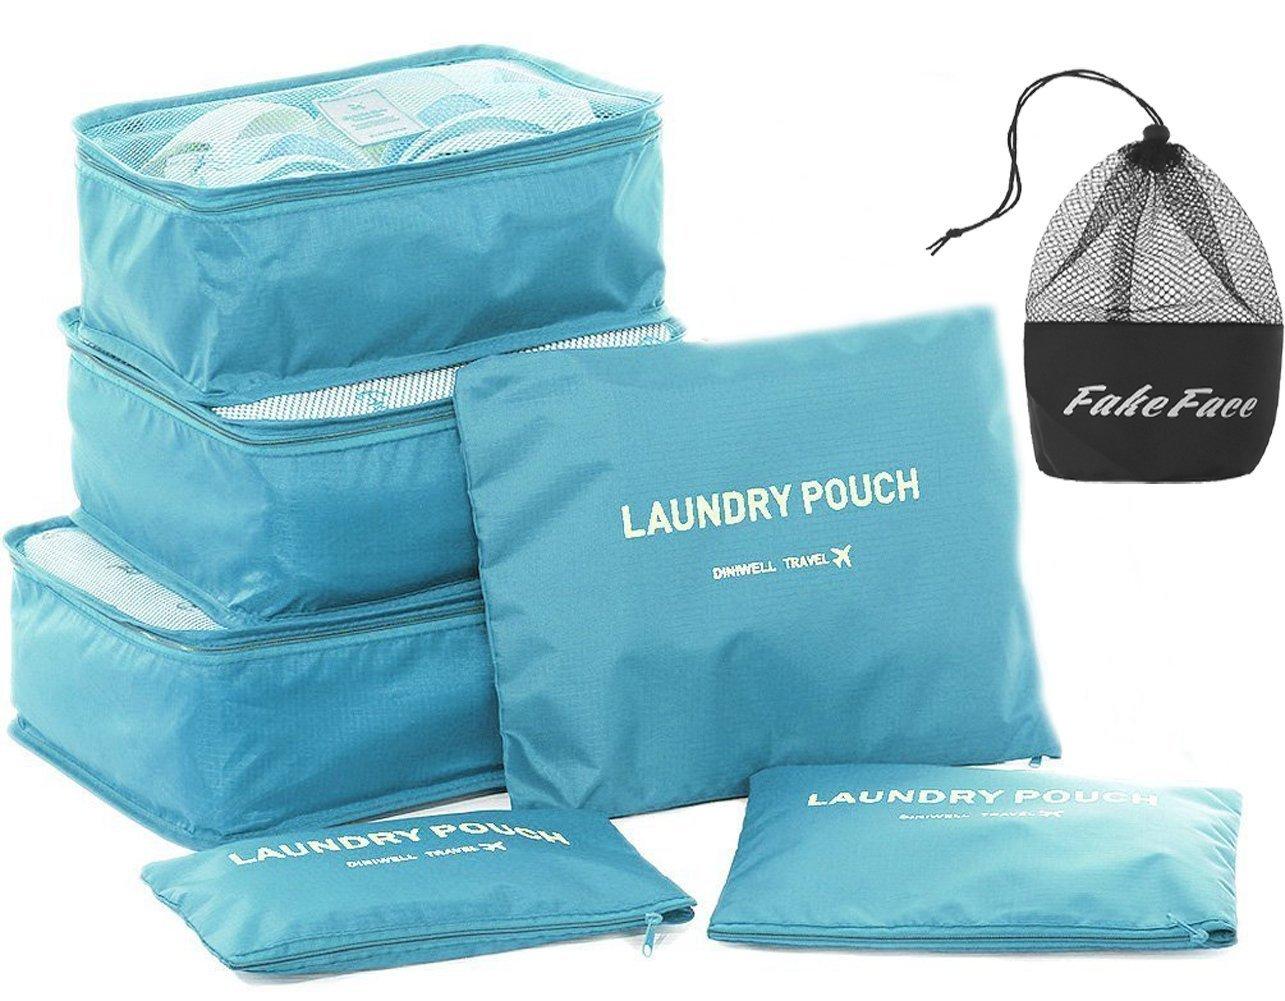 旅行荷物収納パッキングルービックキューブ6旅行の基本バッグ防水ランドリーウォッシュ醤化粧品収納袋ジッパー持ち運びスーツケースオーガナイザー靴バッグセット6